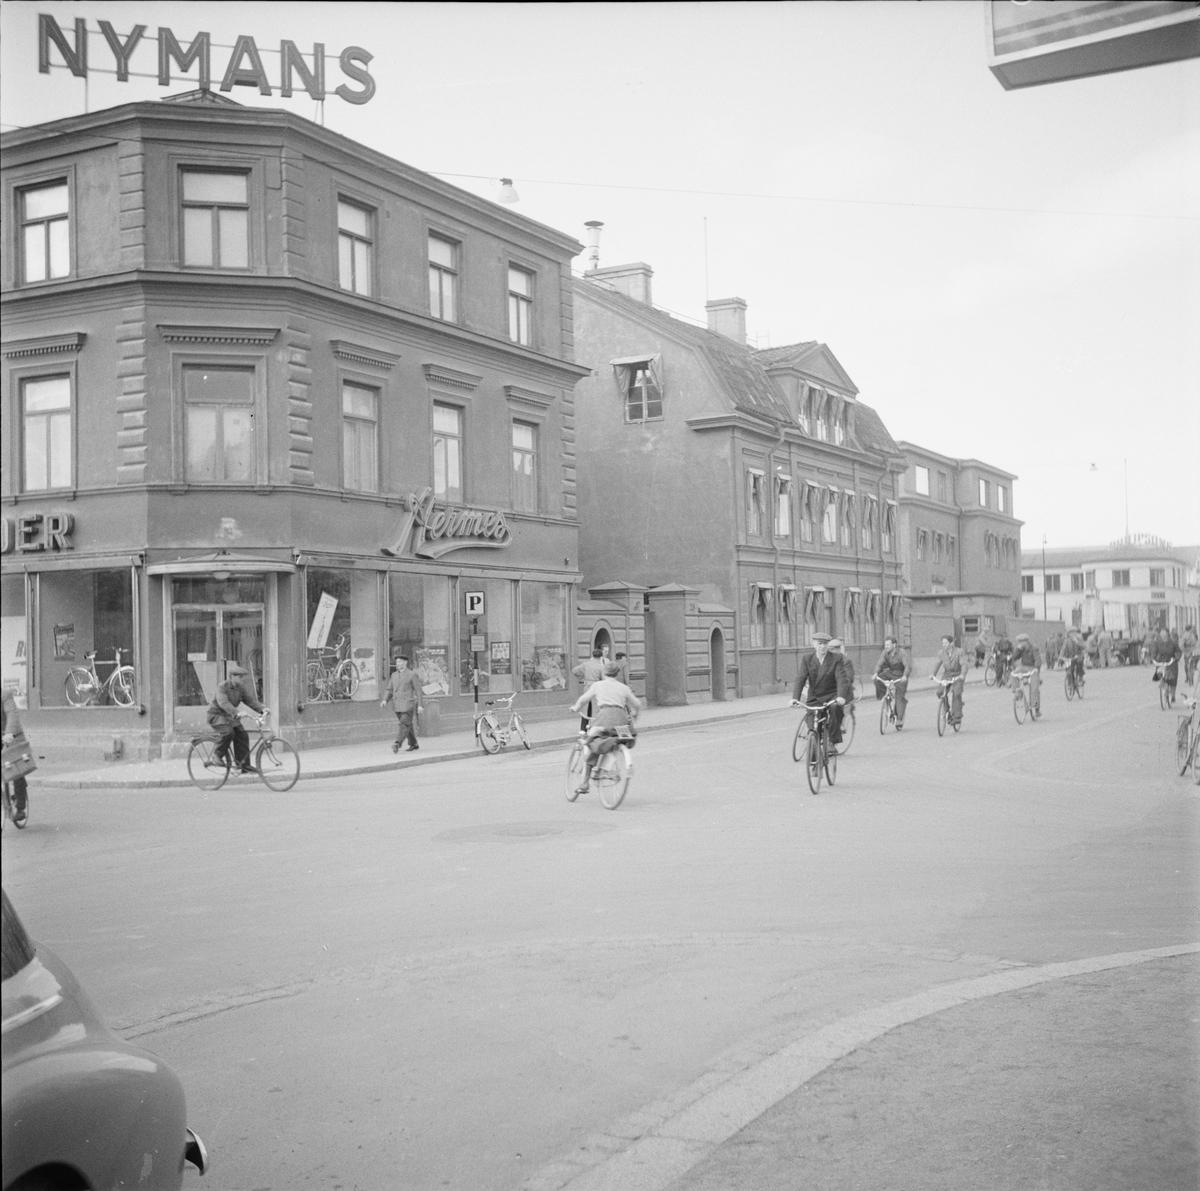 Nymans Verkstäder, Uppsala 1948